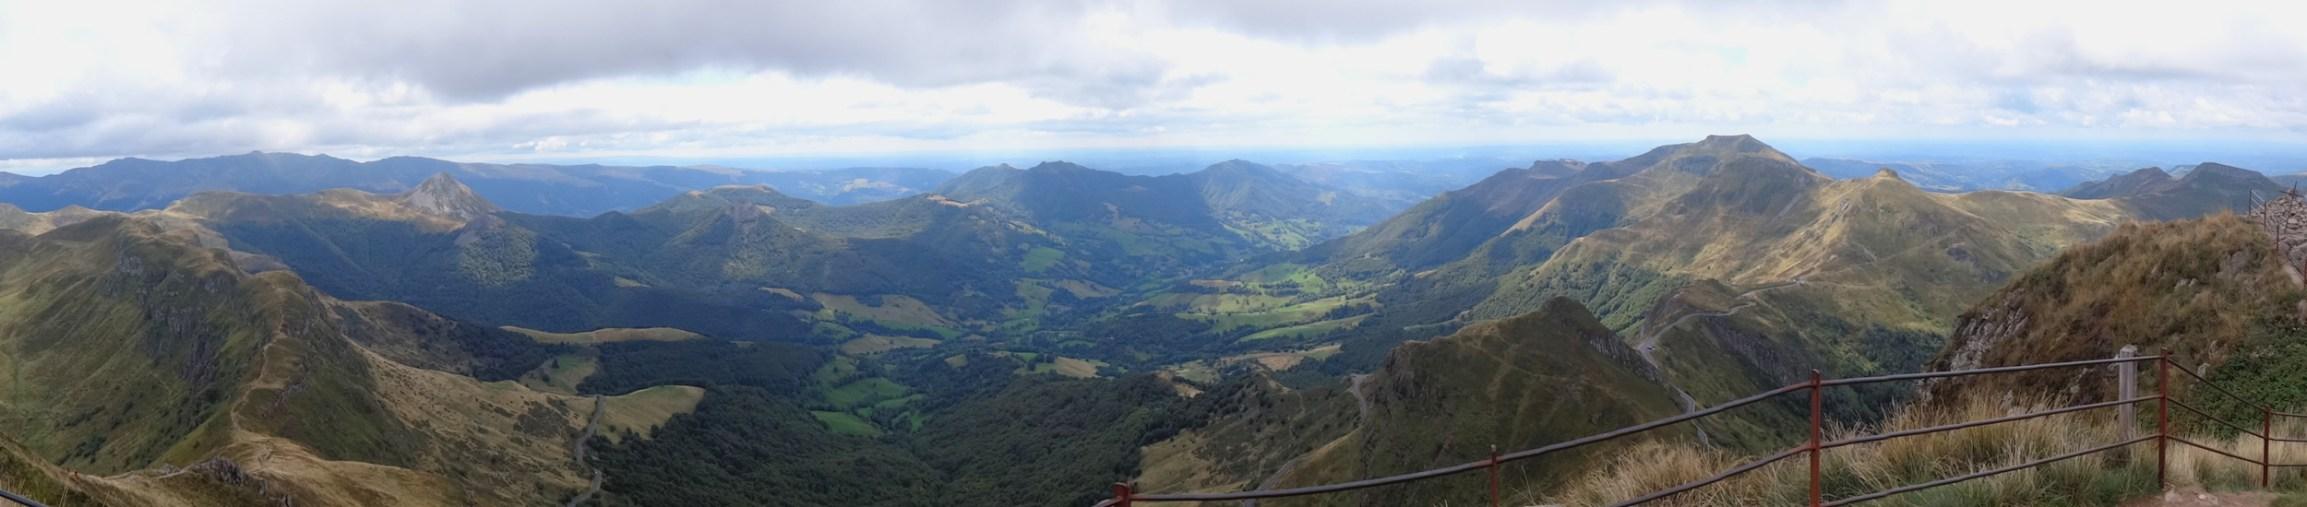 Magnifique panorama à 360° depuis le sommet